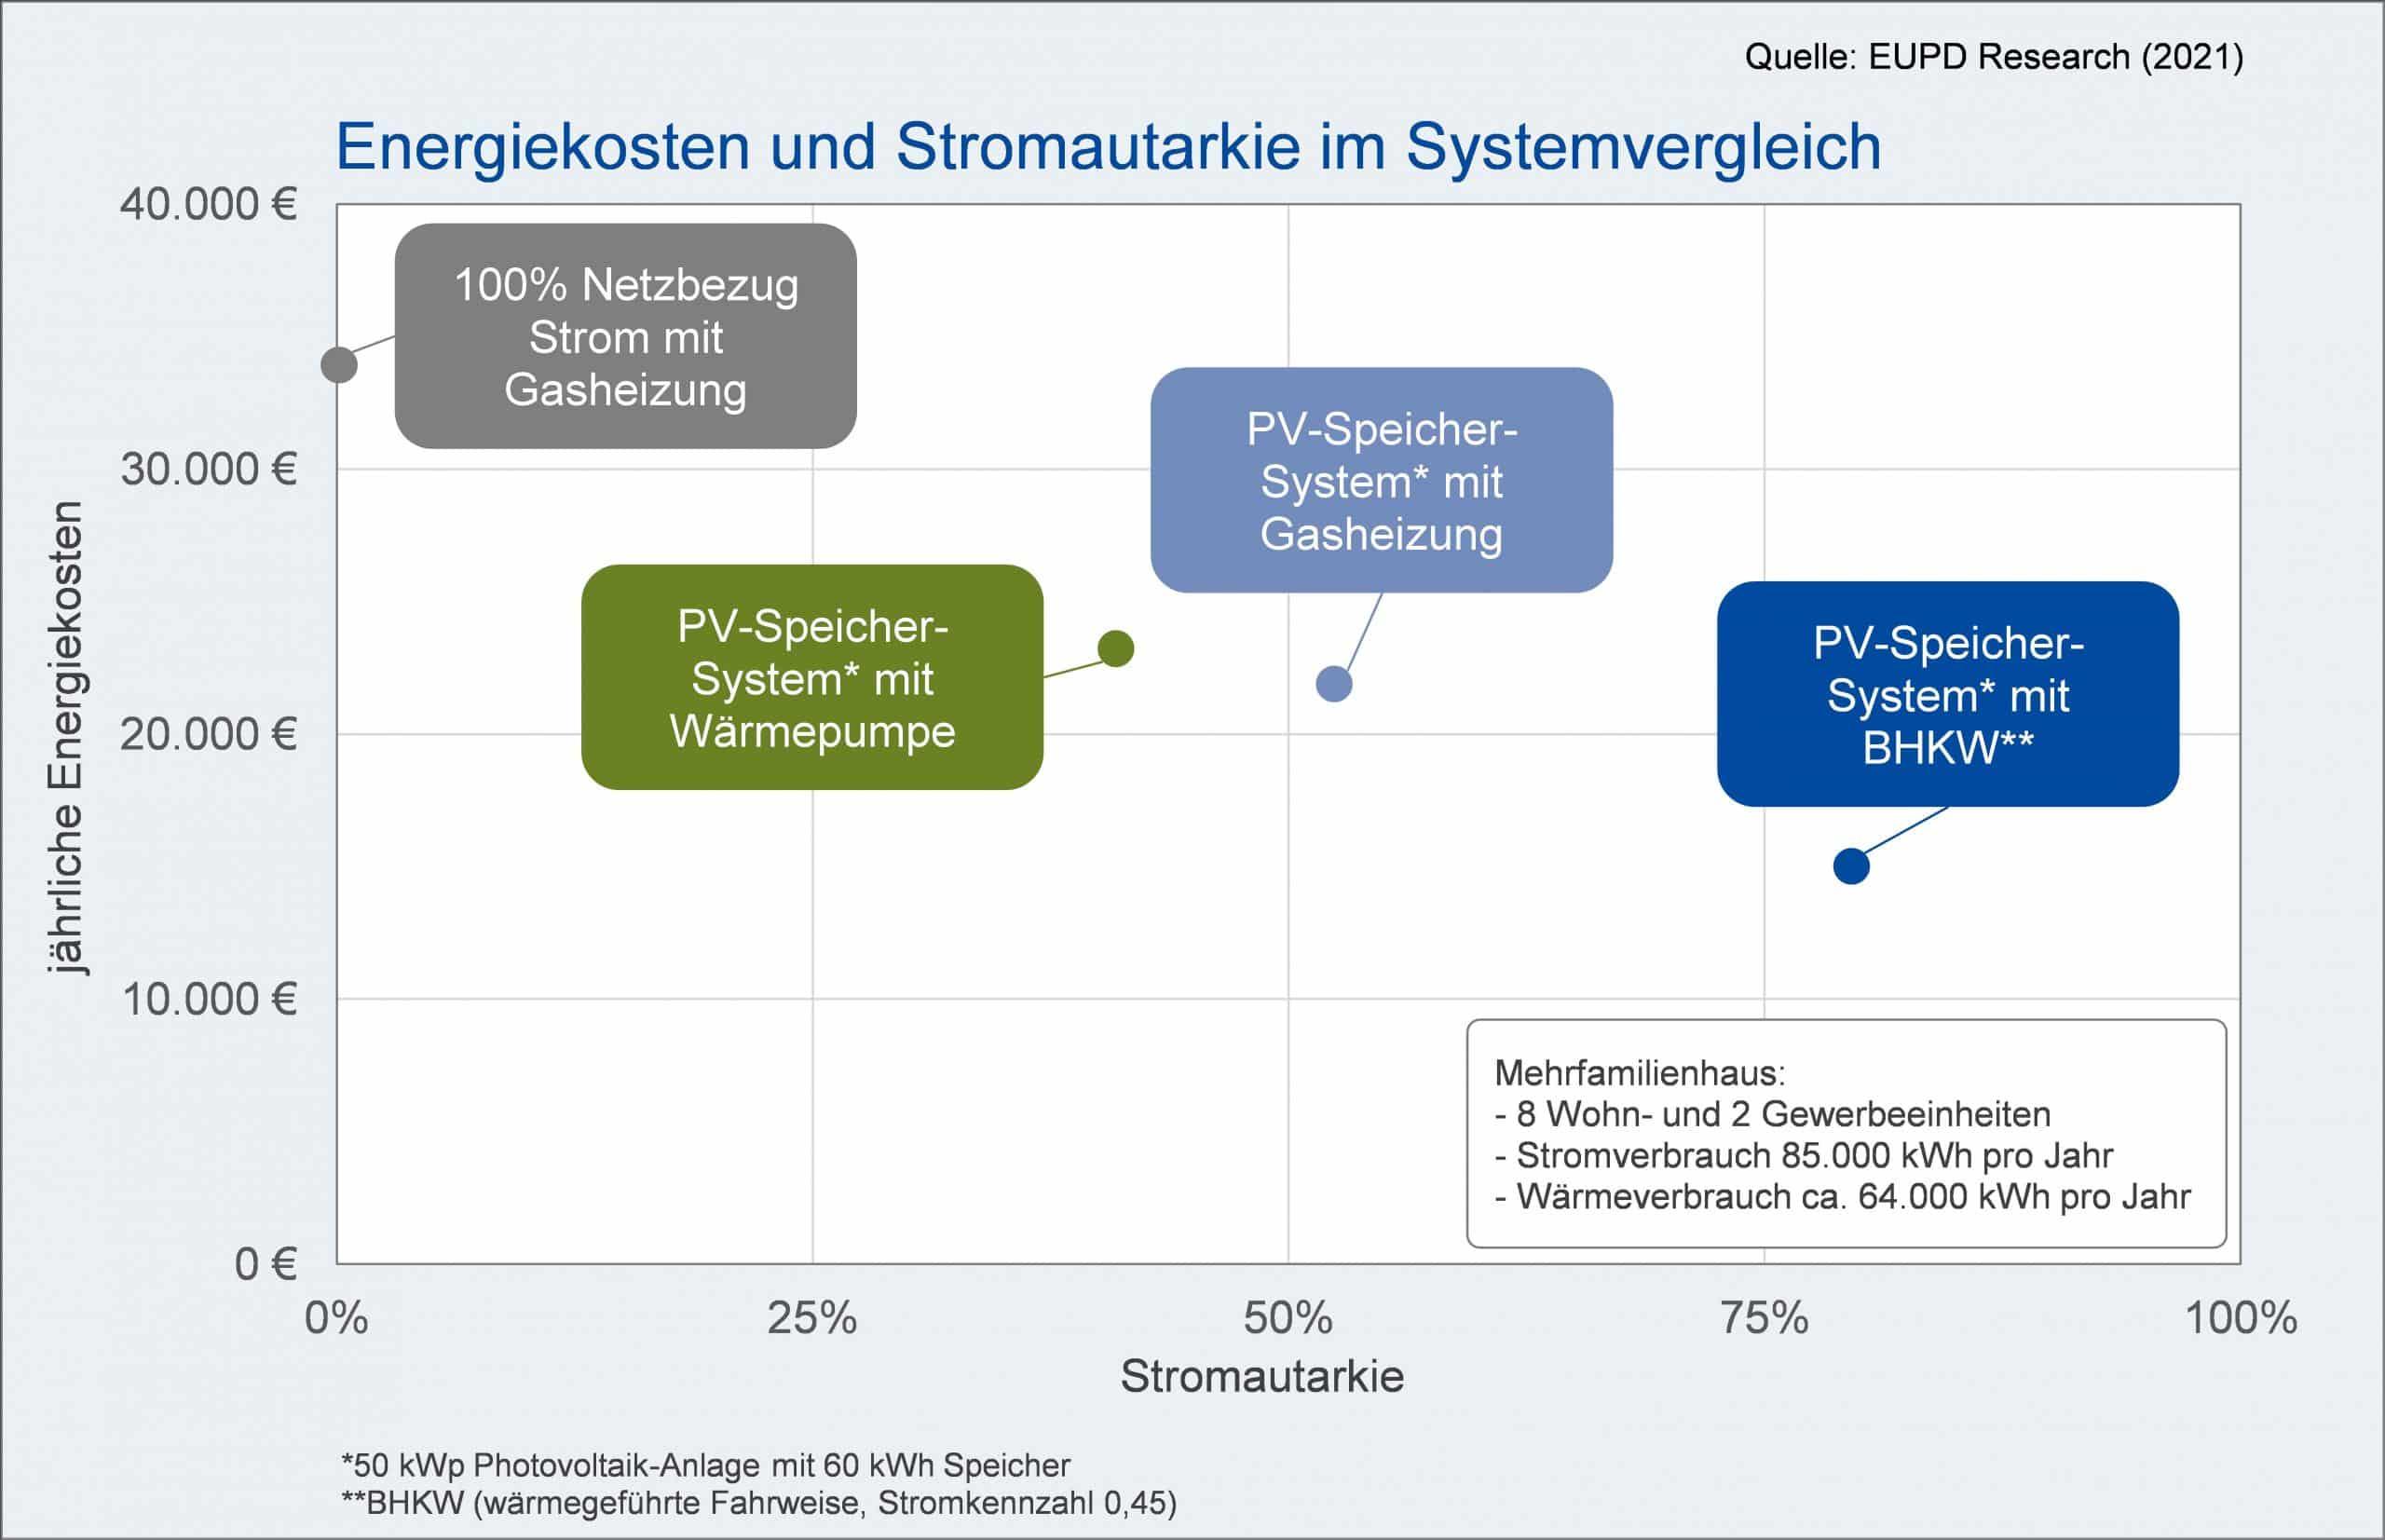 Energiekosten und Stromautarkie im Systemvergleich